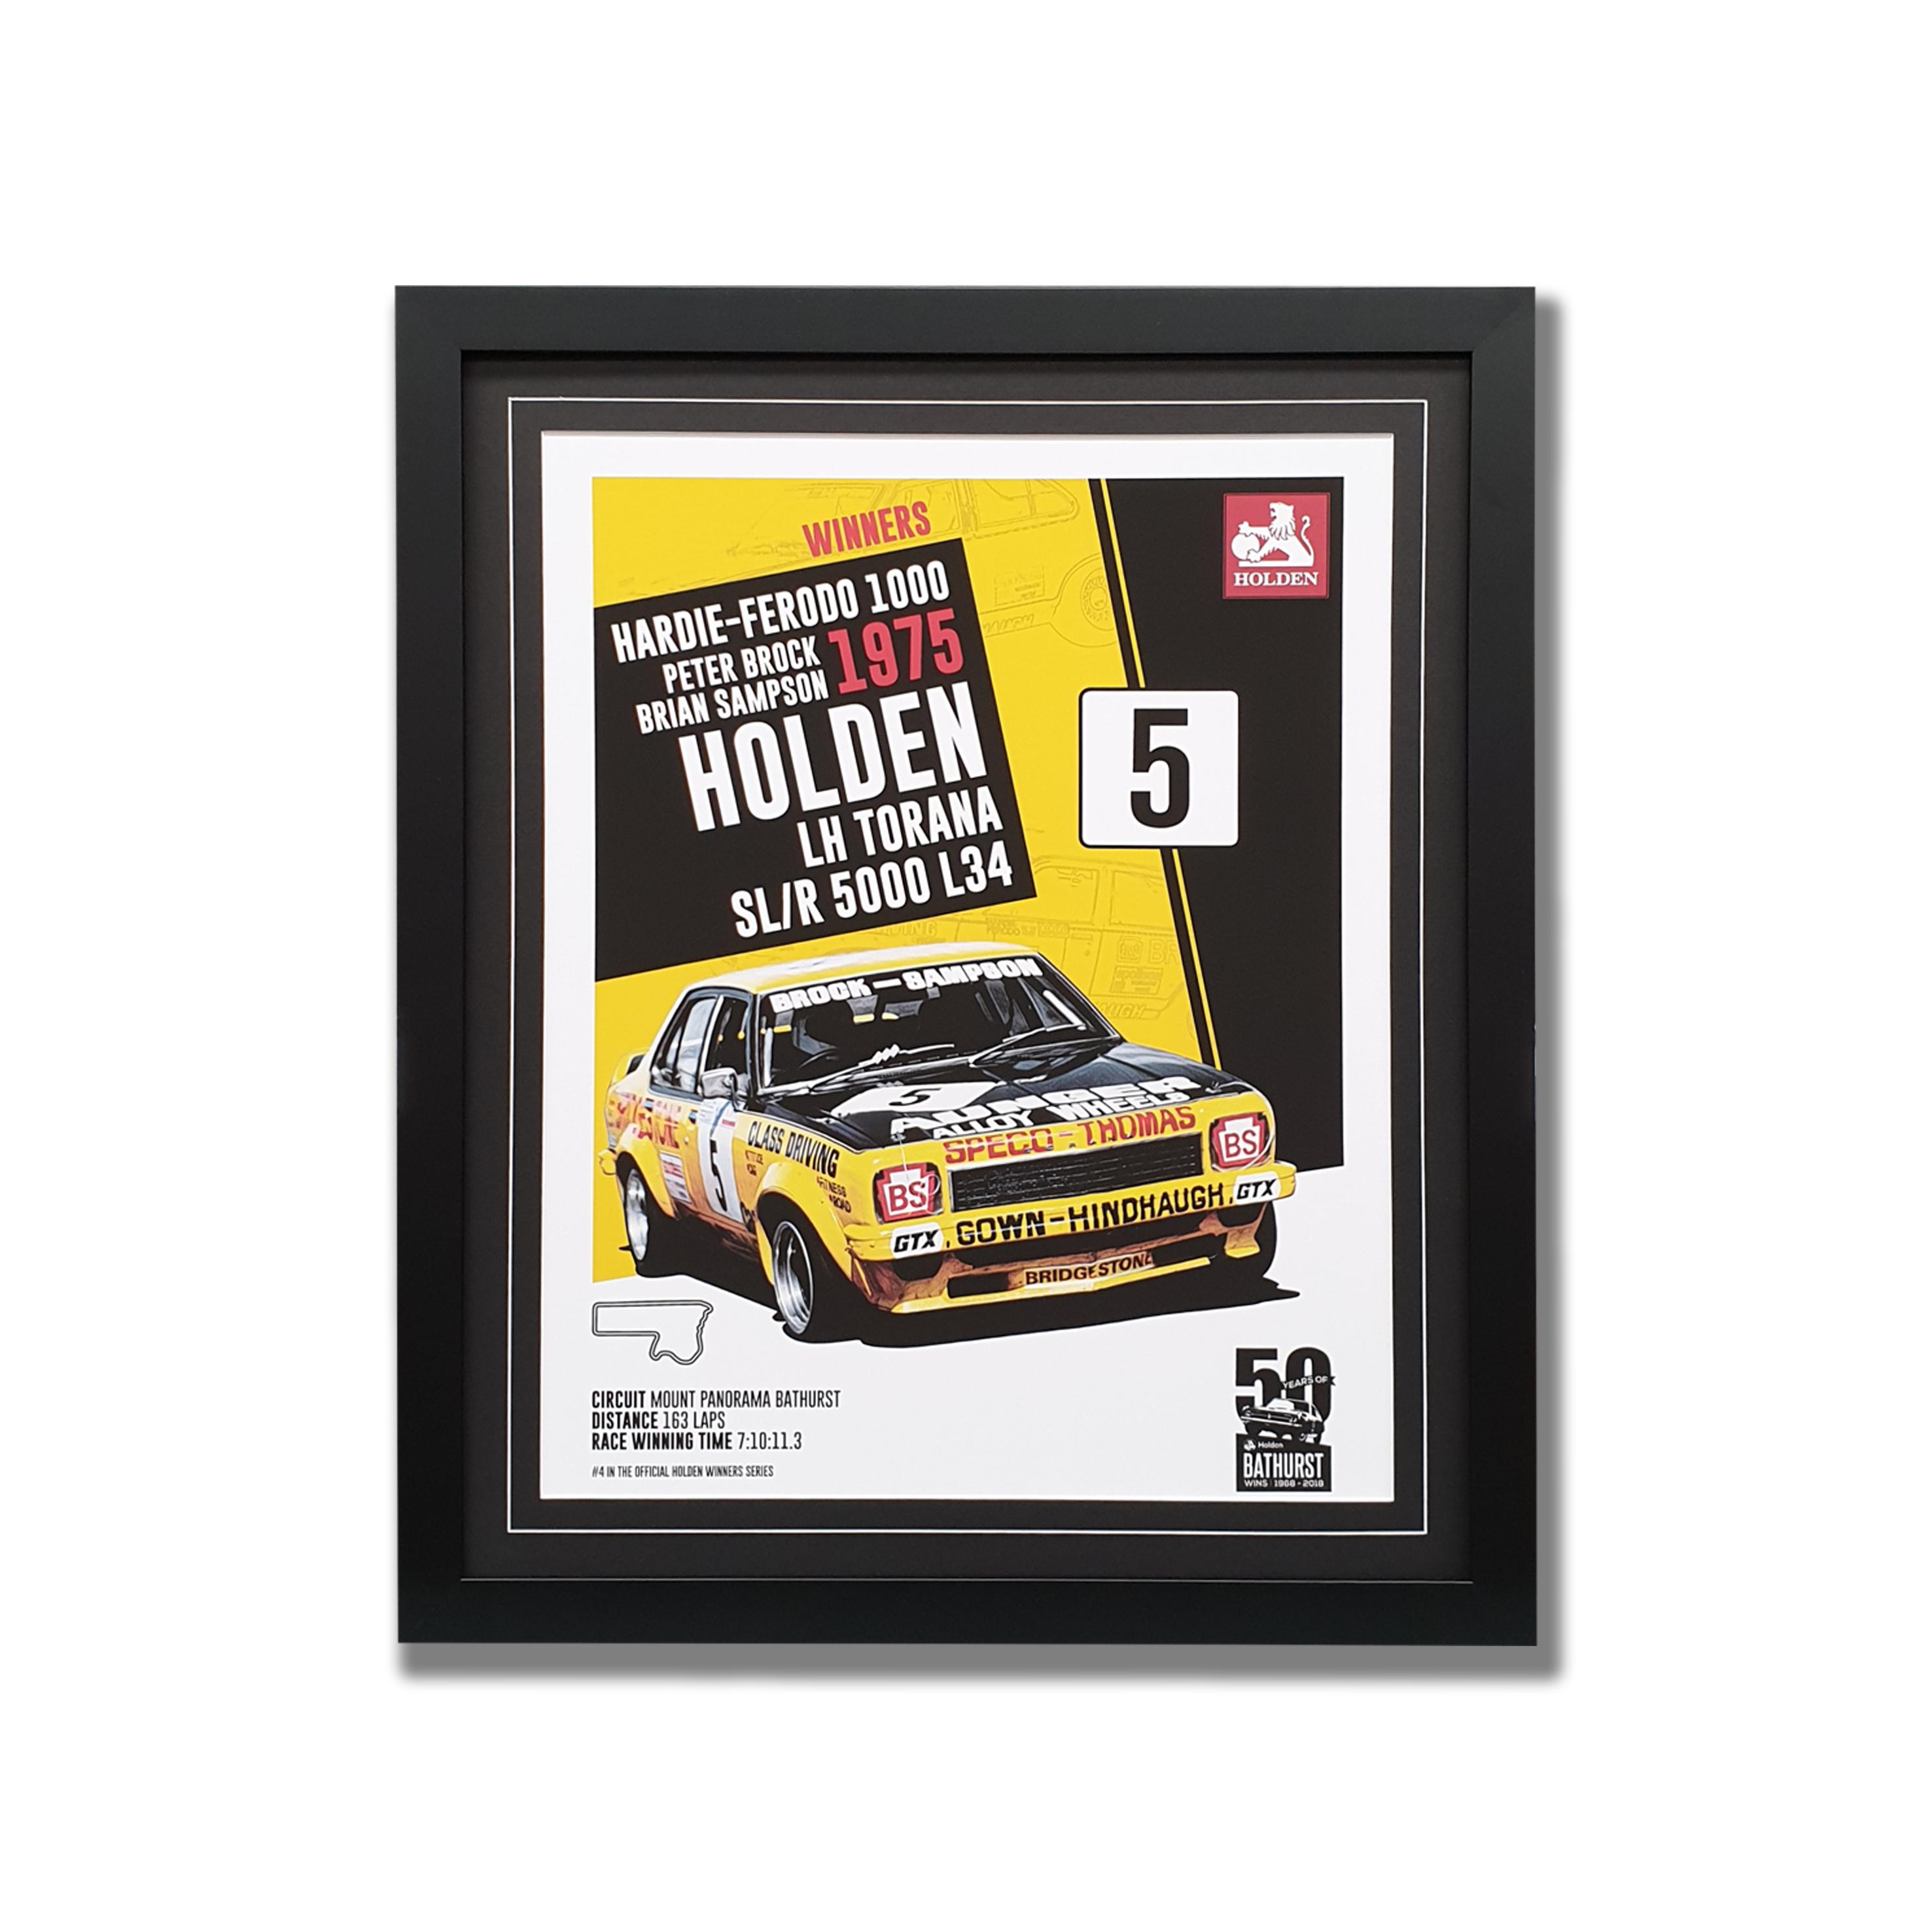 1975 Bathurst winner Holden LH Torana poster in a black frame